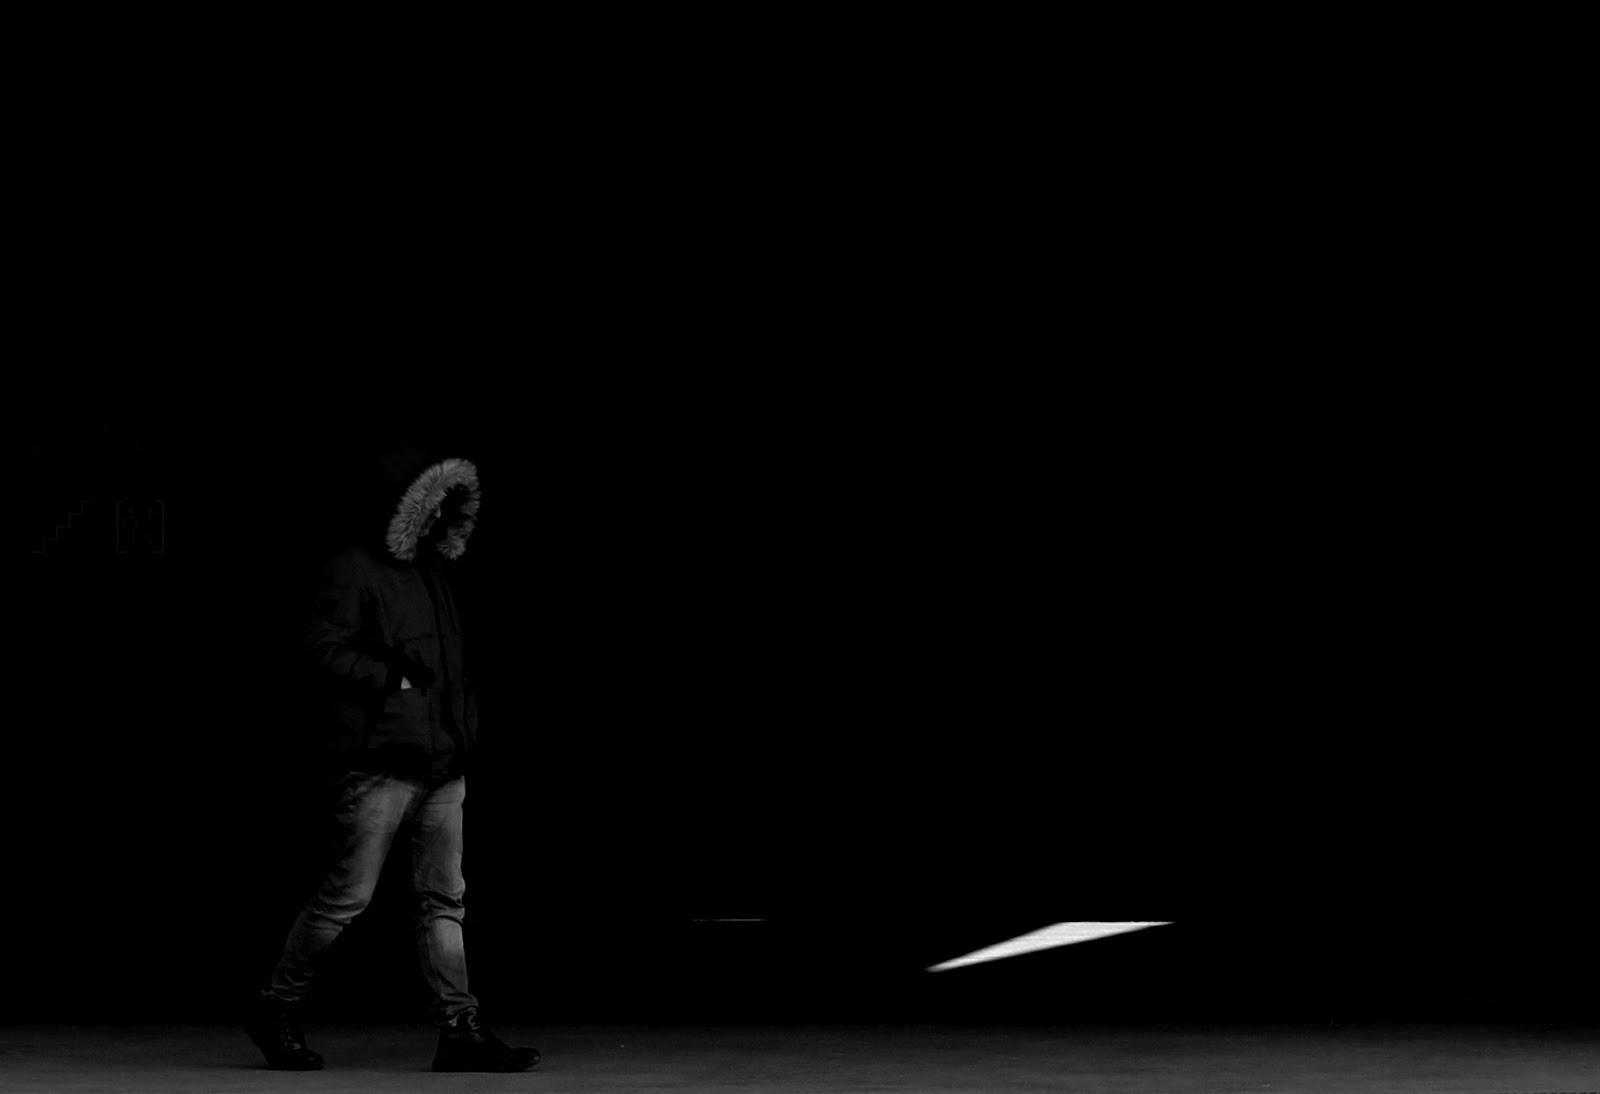 Passos no Escuro.